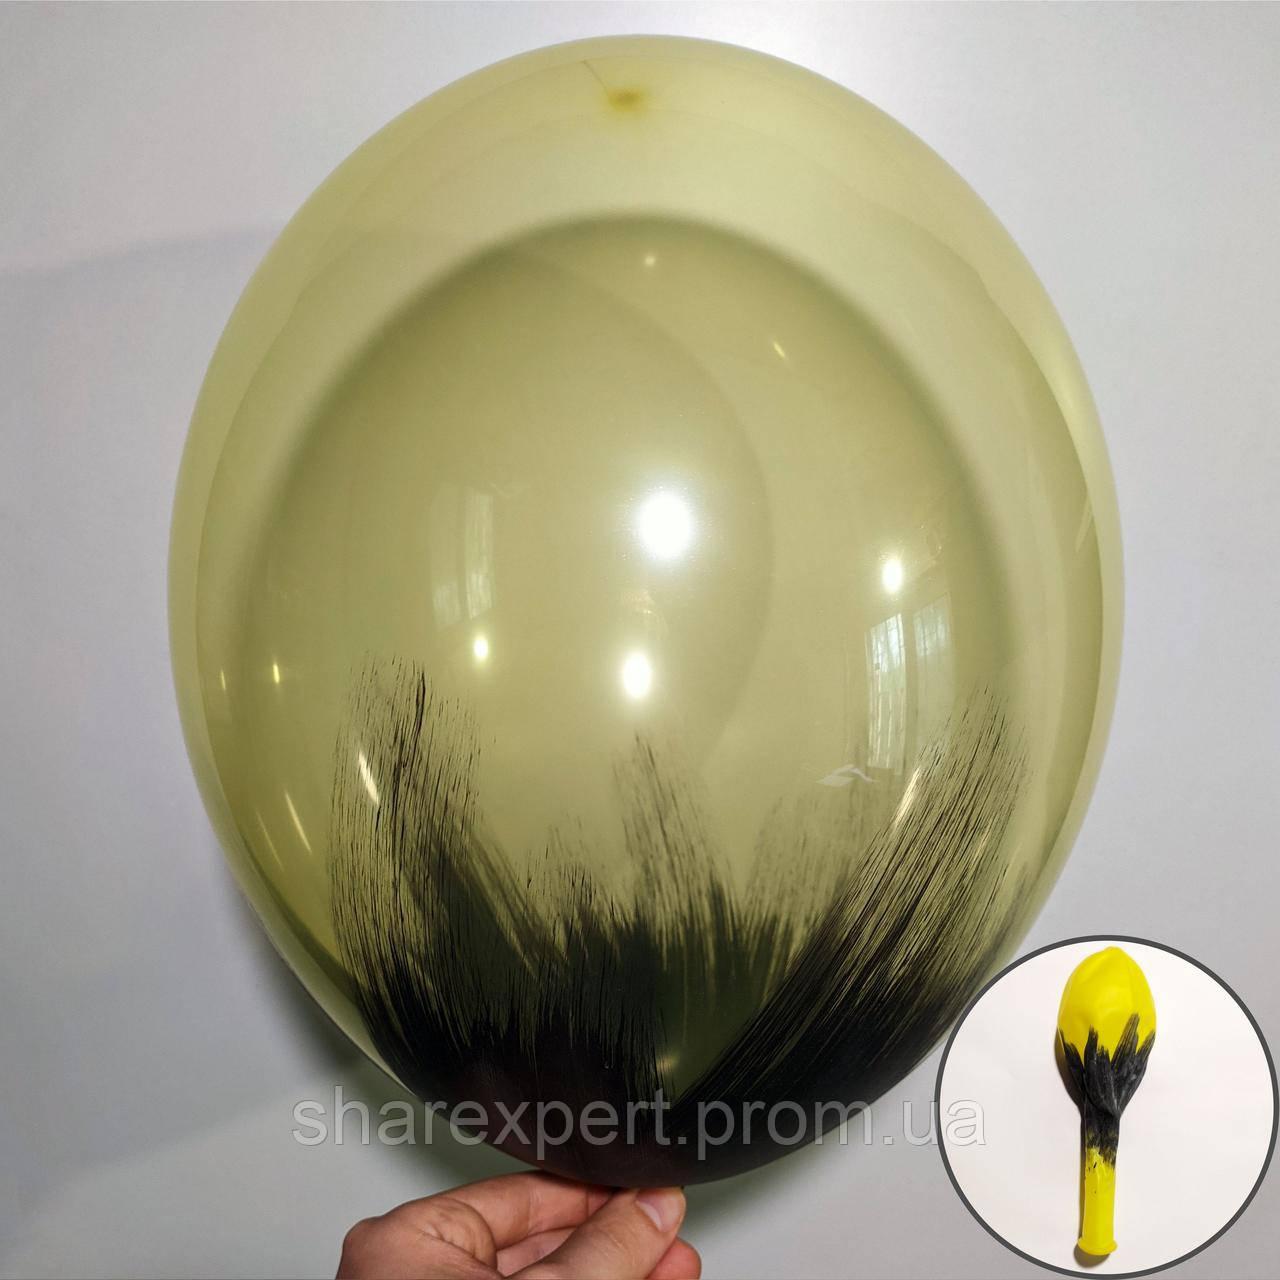 Черный на Желтых(кристалл) латексных шарах